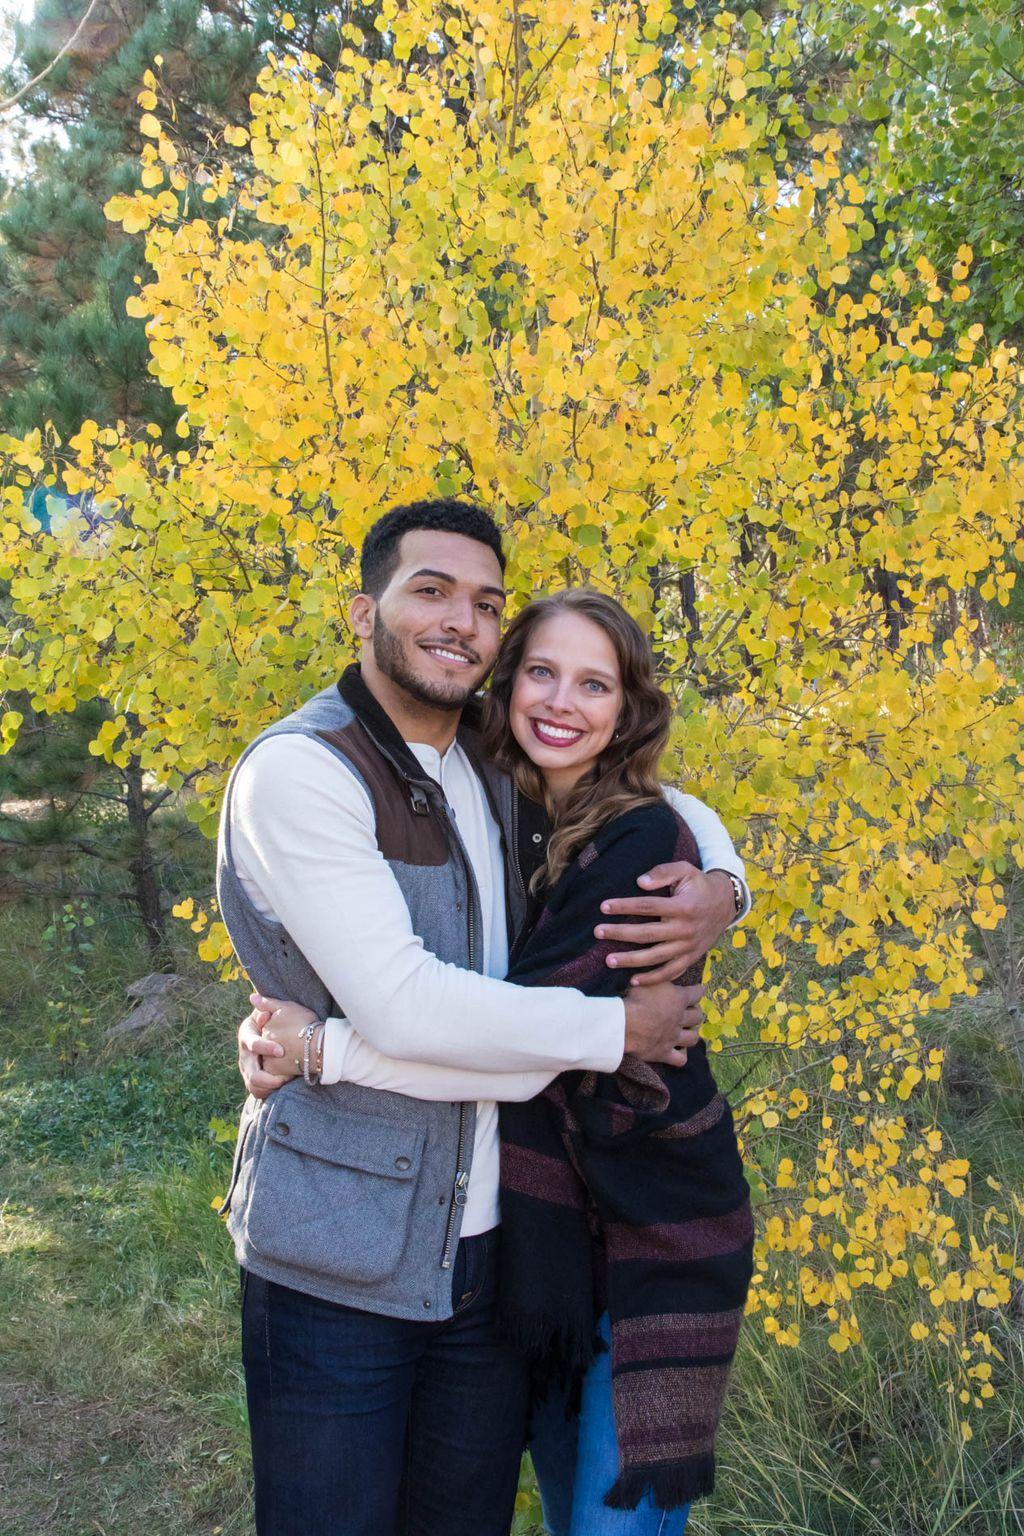 Portrait Photography - Colorado Springs 2019